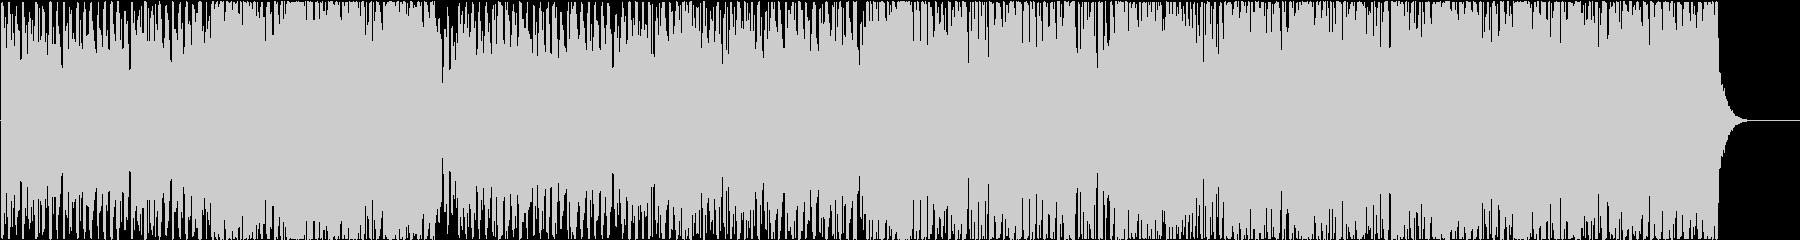 おしゃれなピアノハウス【切ないメロディ】の未再生の波形